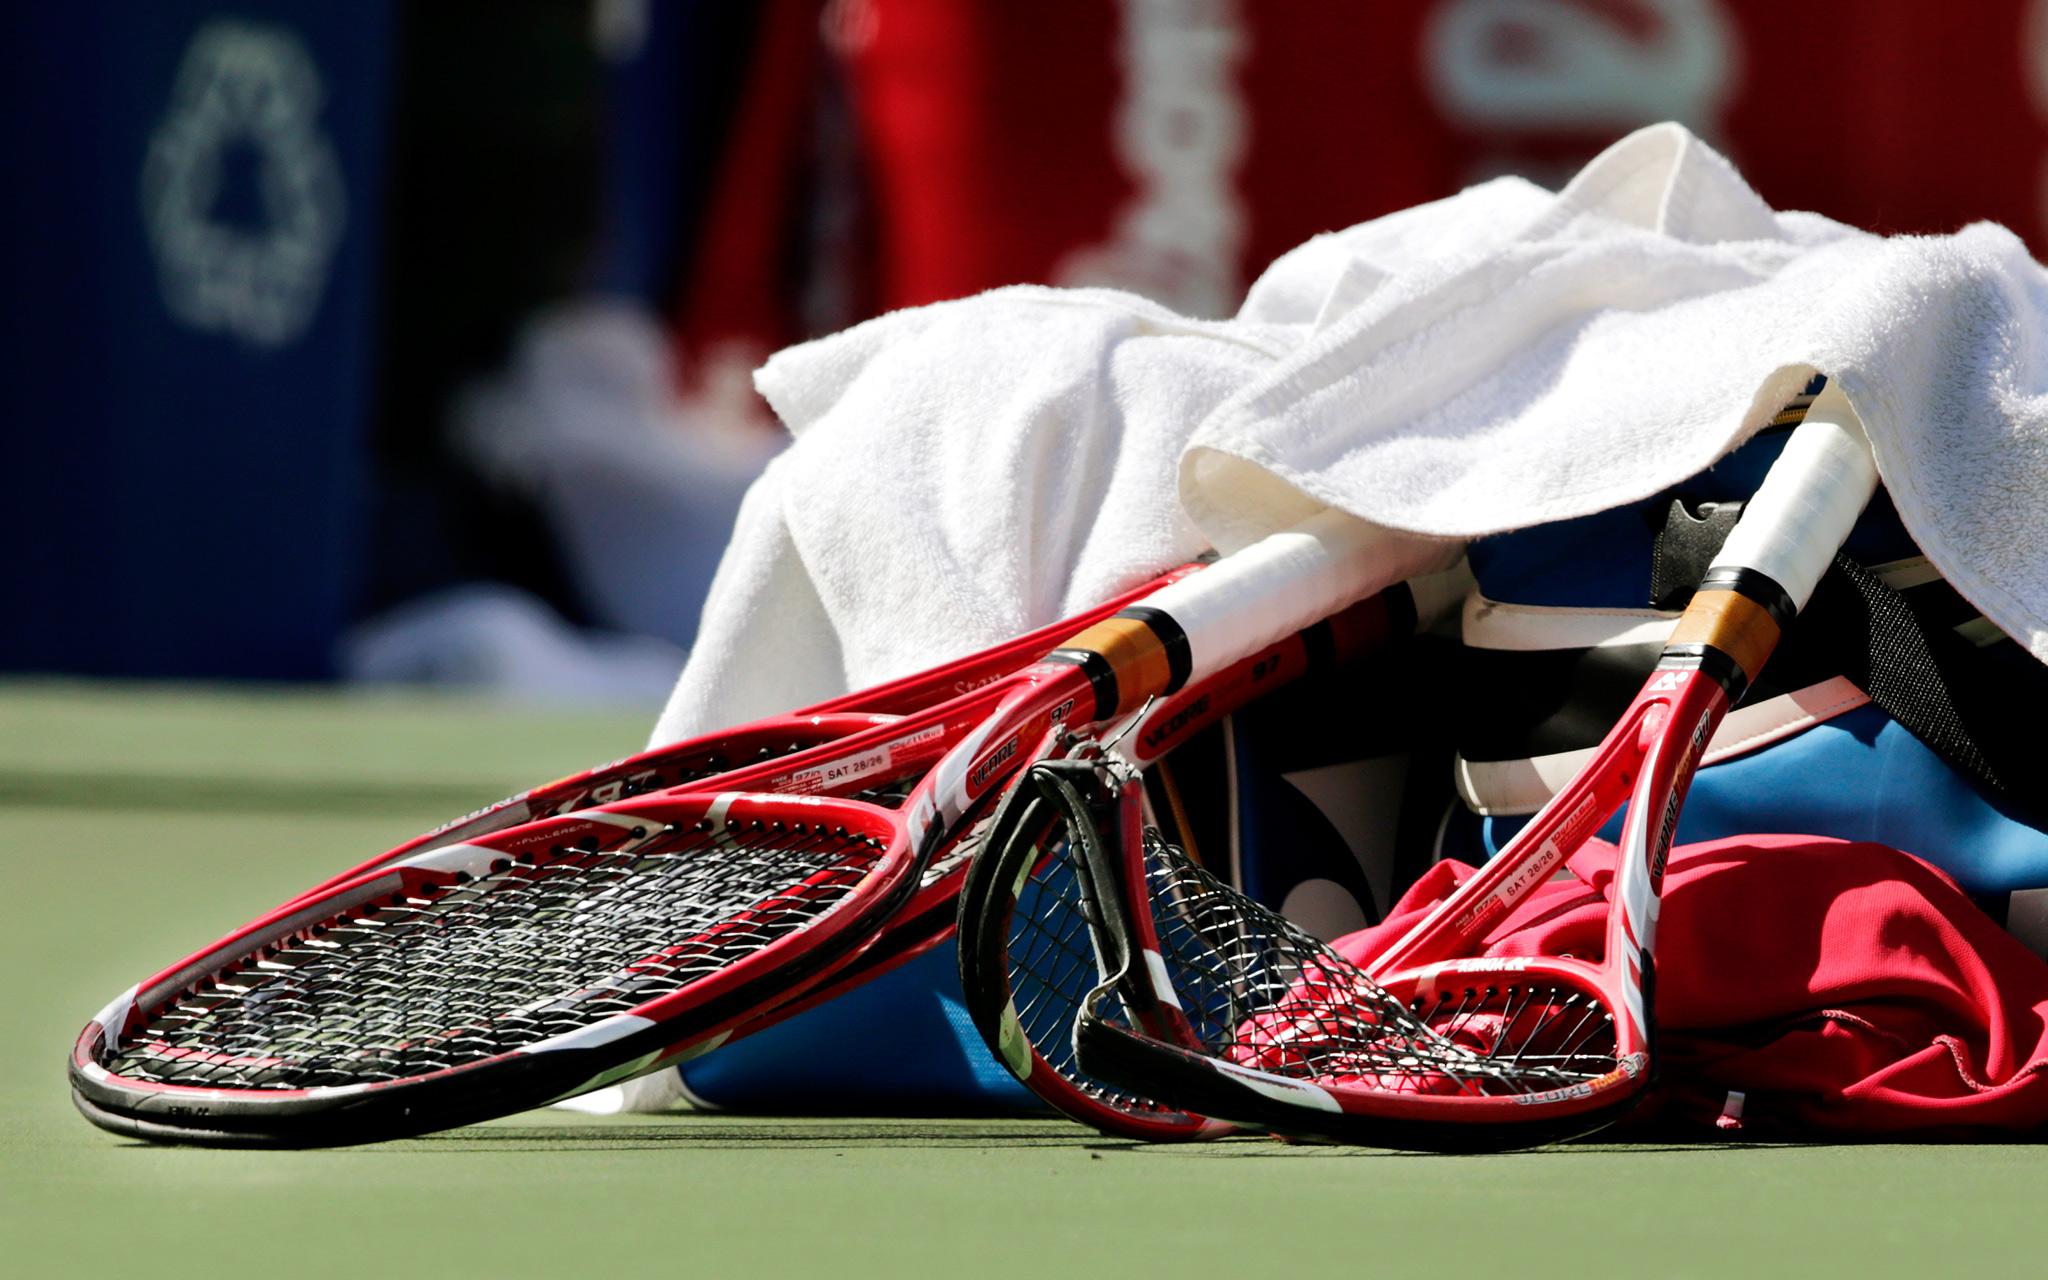 Broken racket